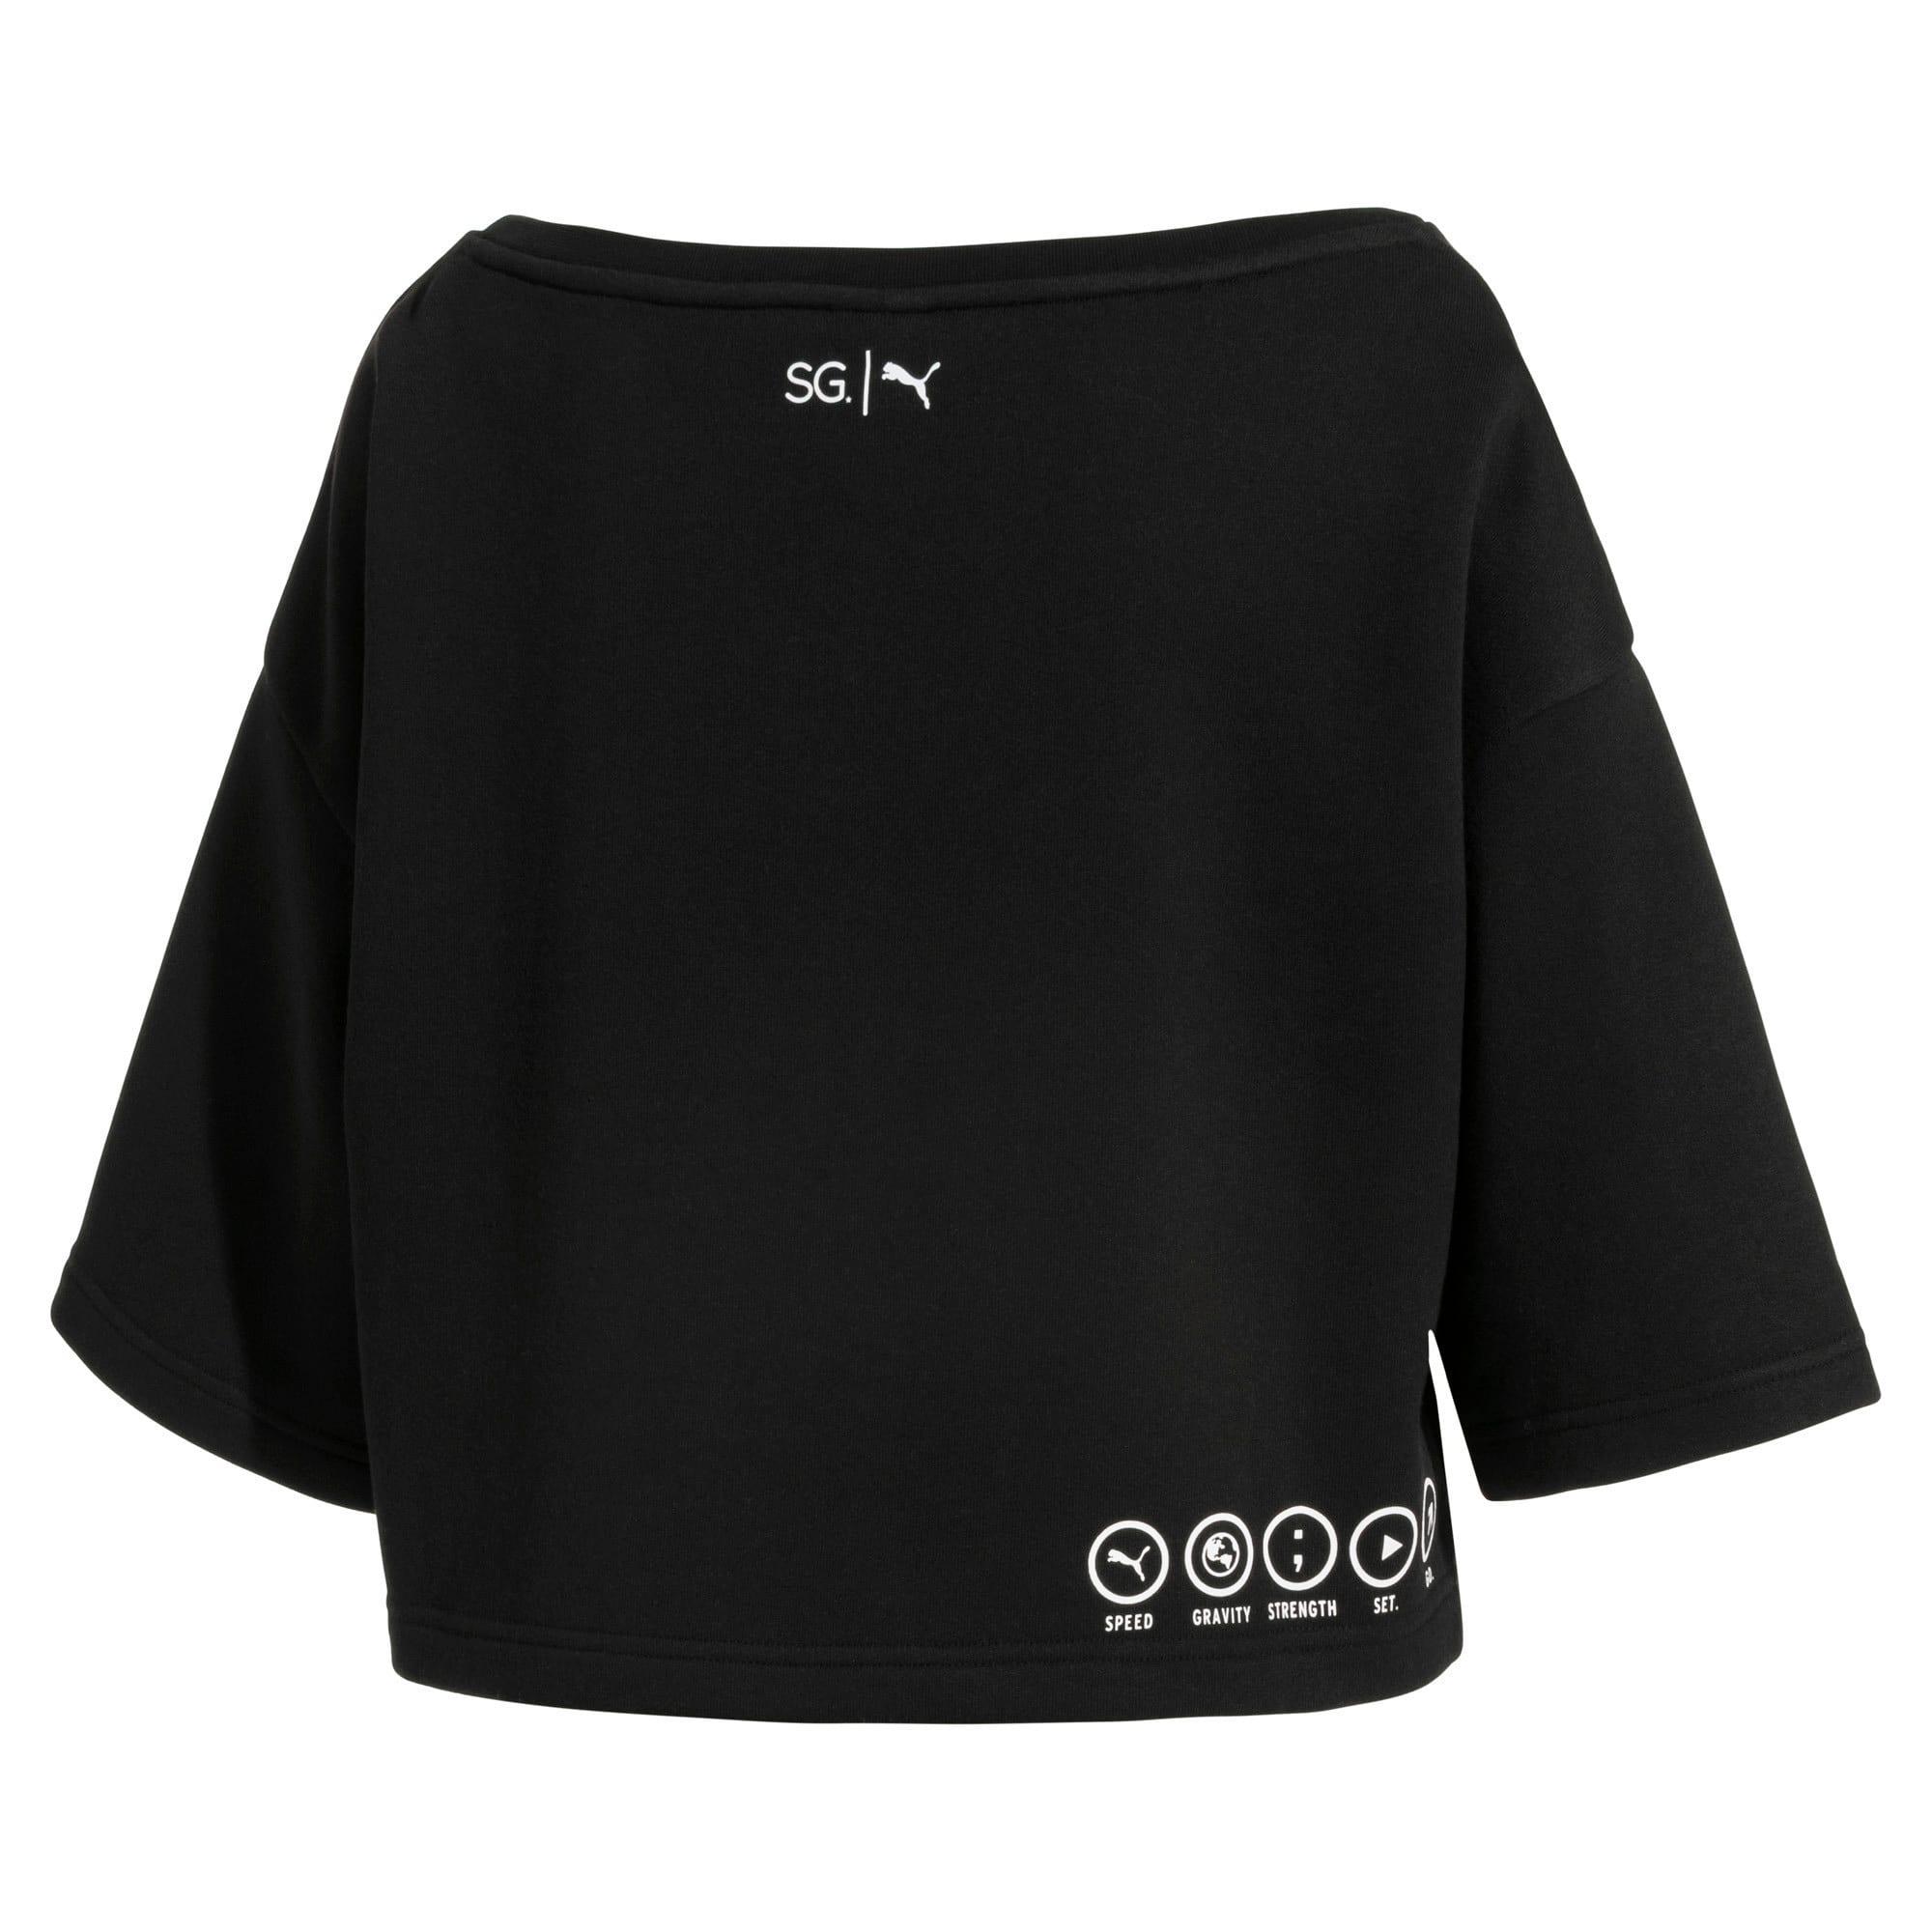 Miniatura 5 de Sudadera SG x PUMA, Puma Black, mediano